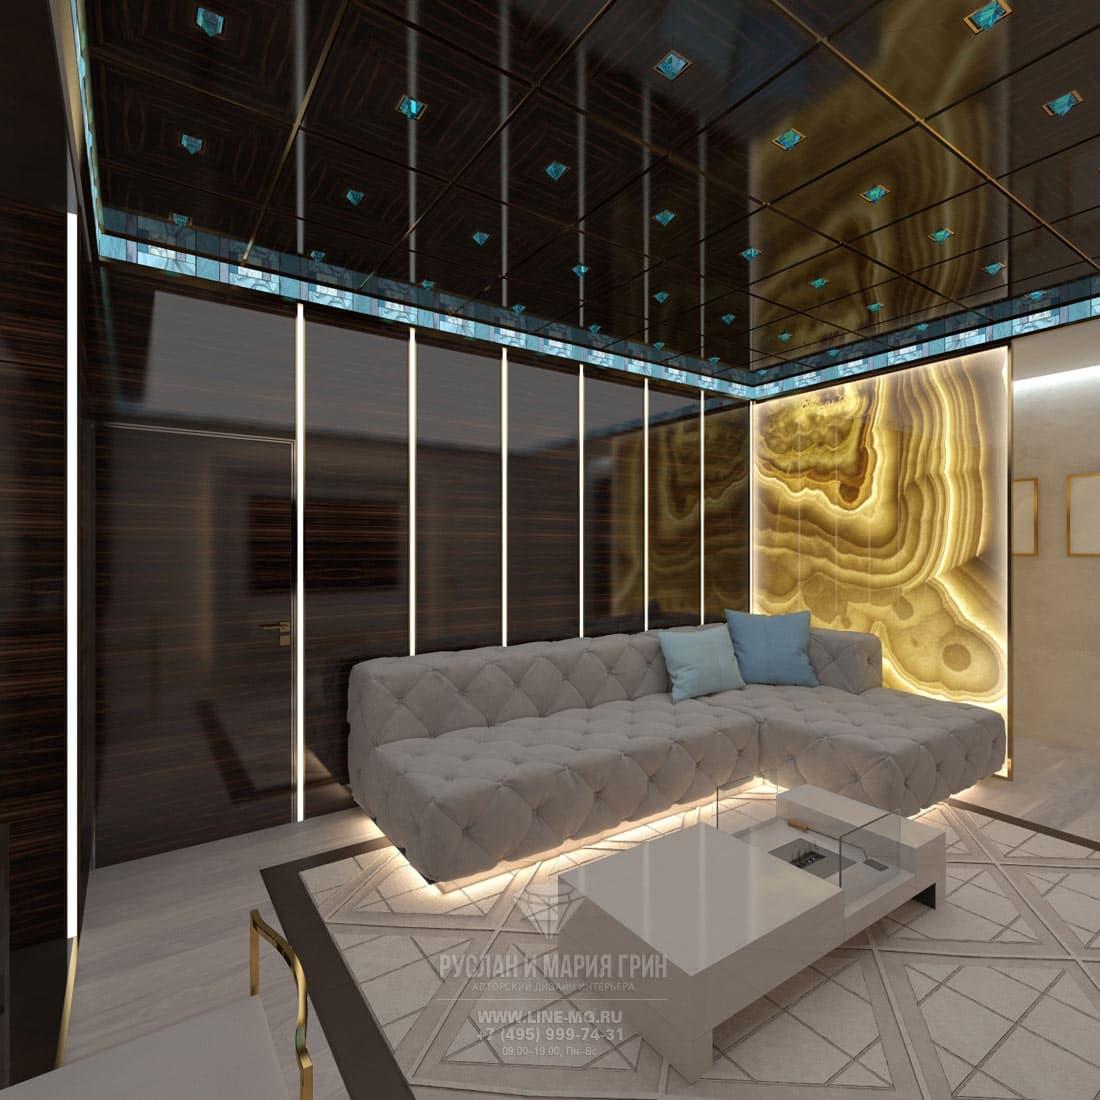 Элитный ремонт квартиры в Москве. Фото интерьера гостиной в стиле ар-деко